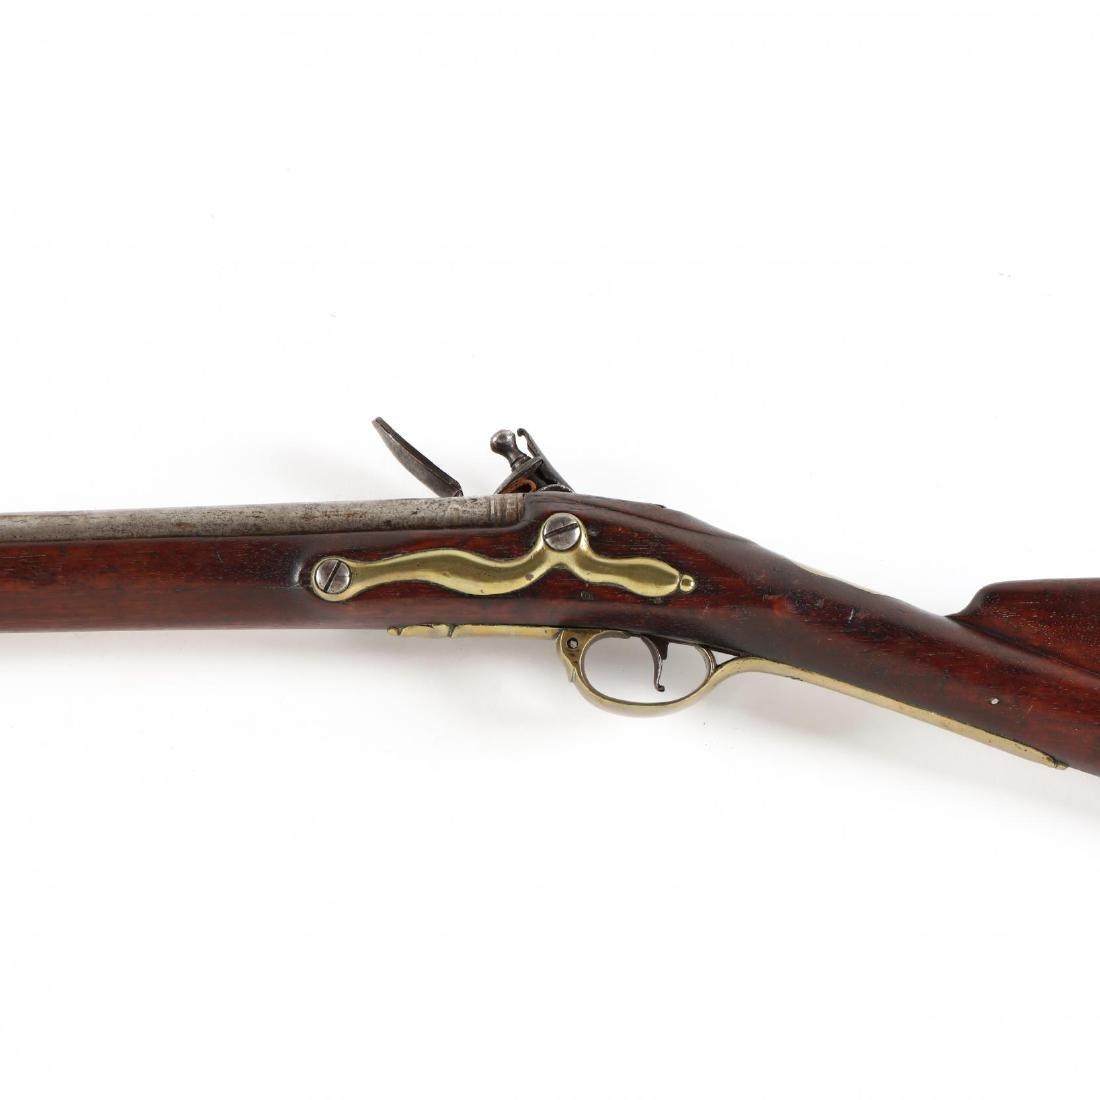 British Land Pattern Brown Bess Flintlock Musket - 9